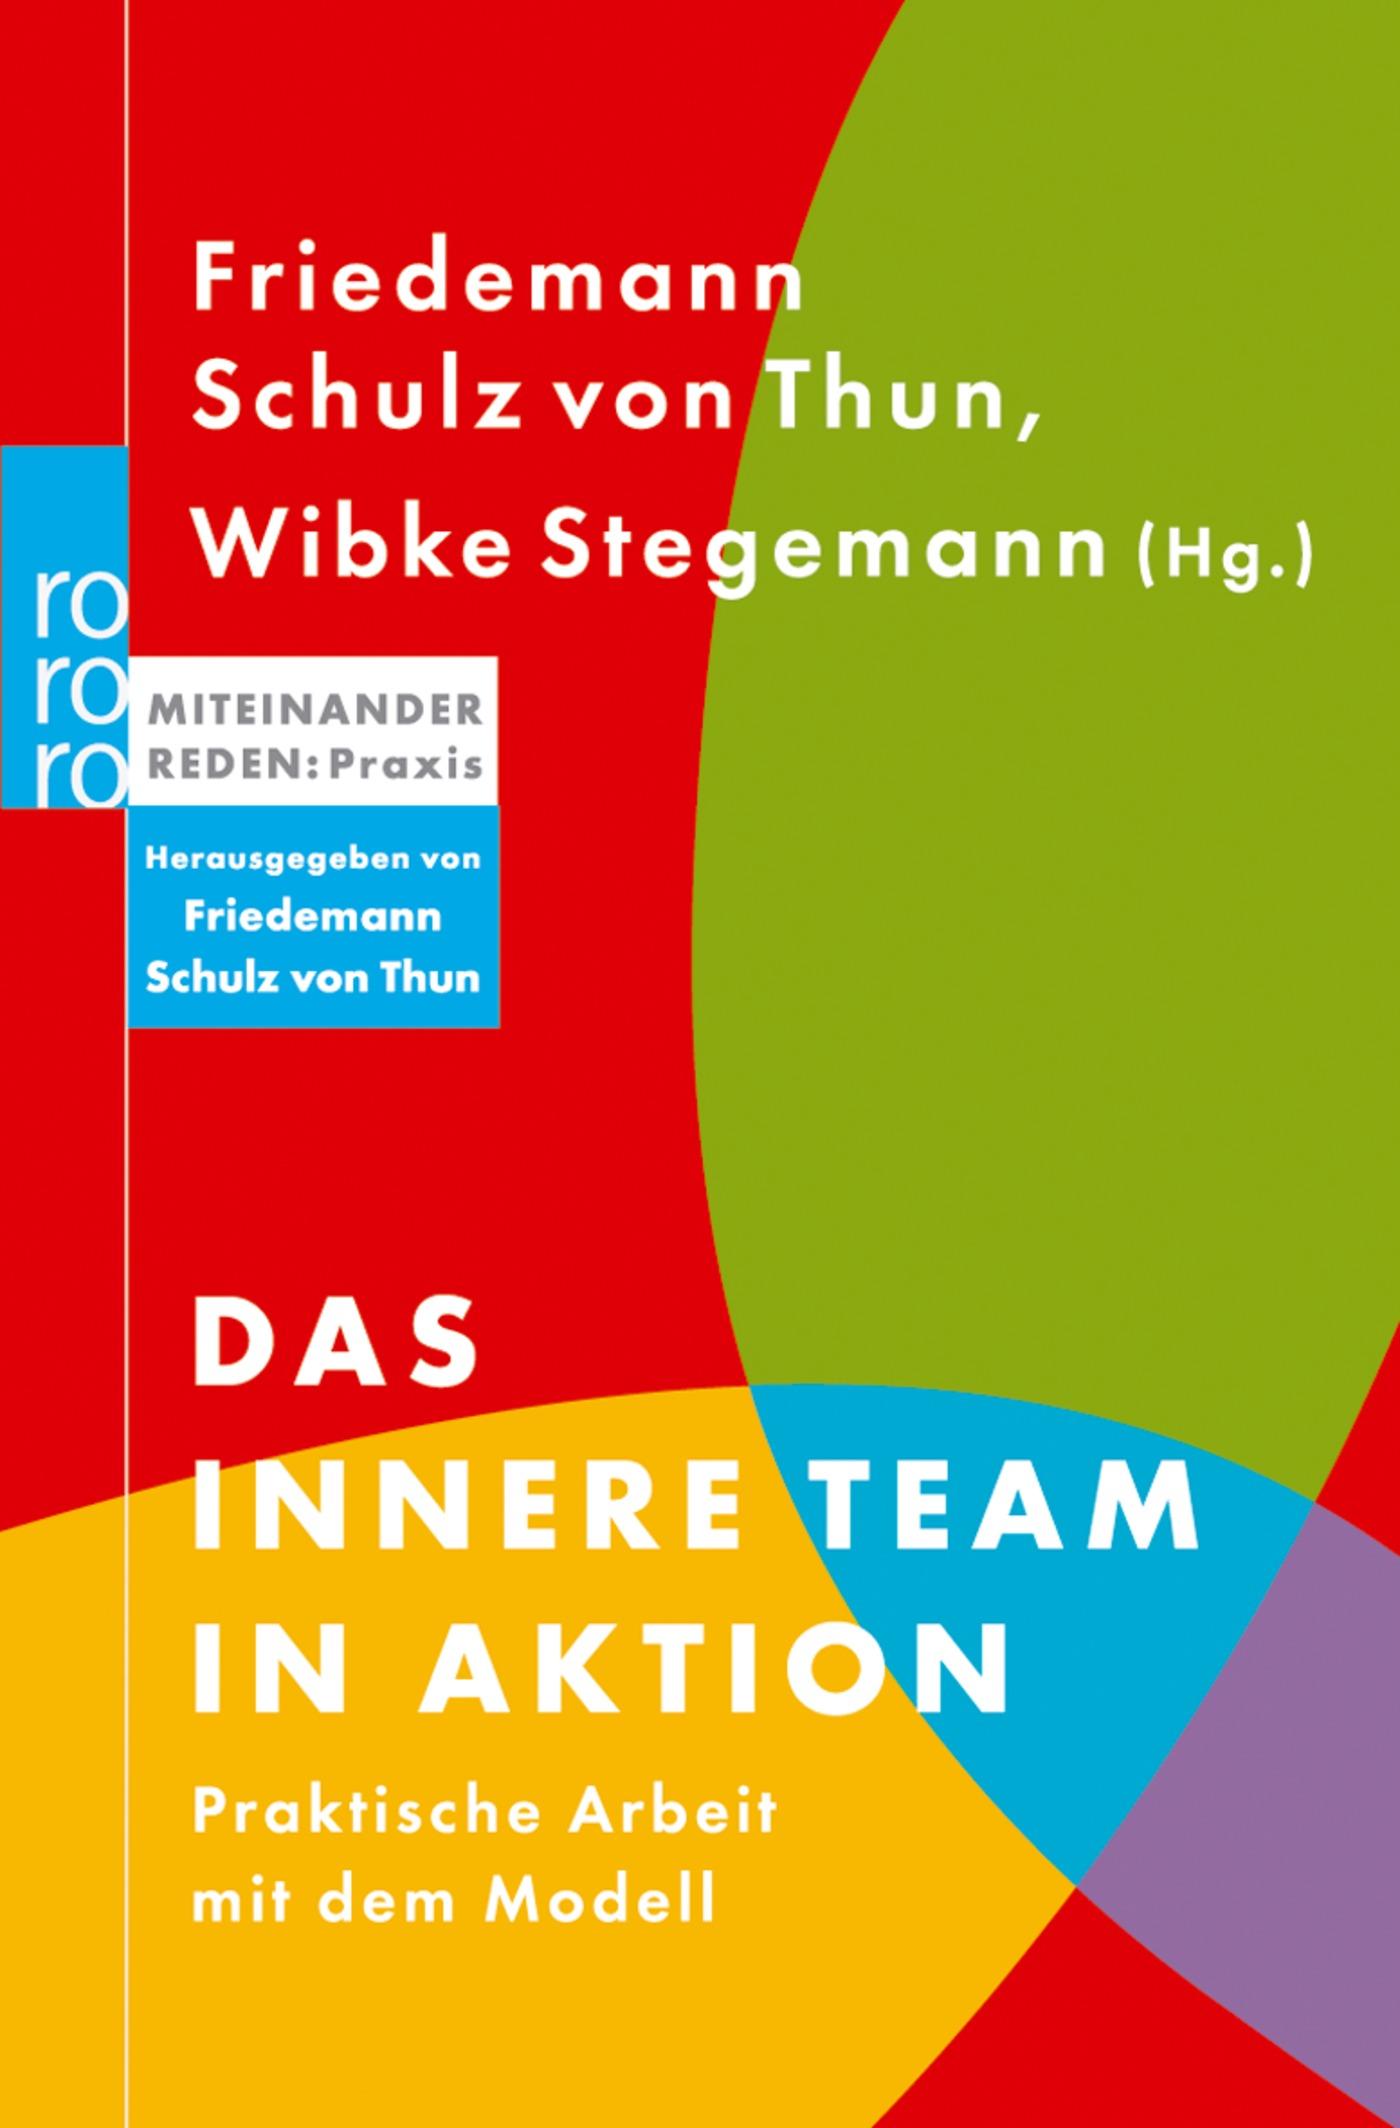 Das innere Team in Aktion | Wibke Stegemann |  9783499616440